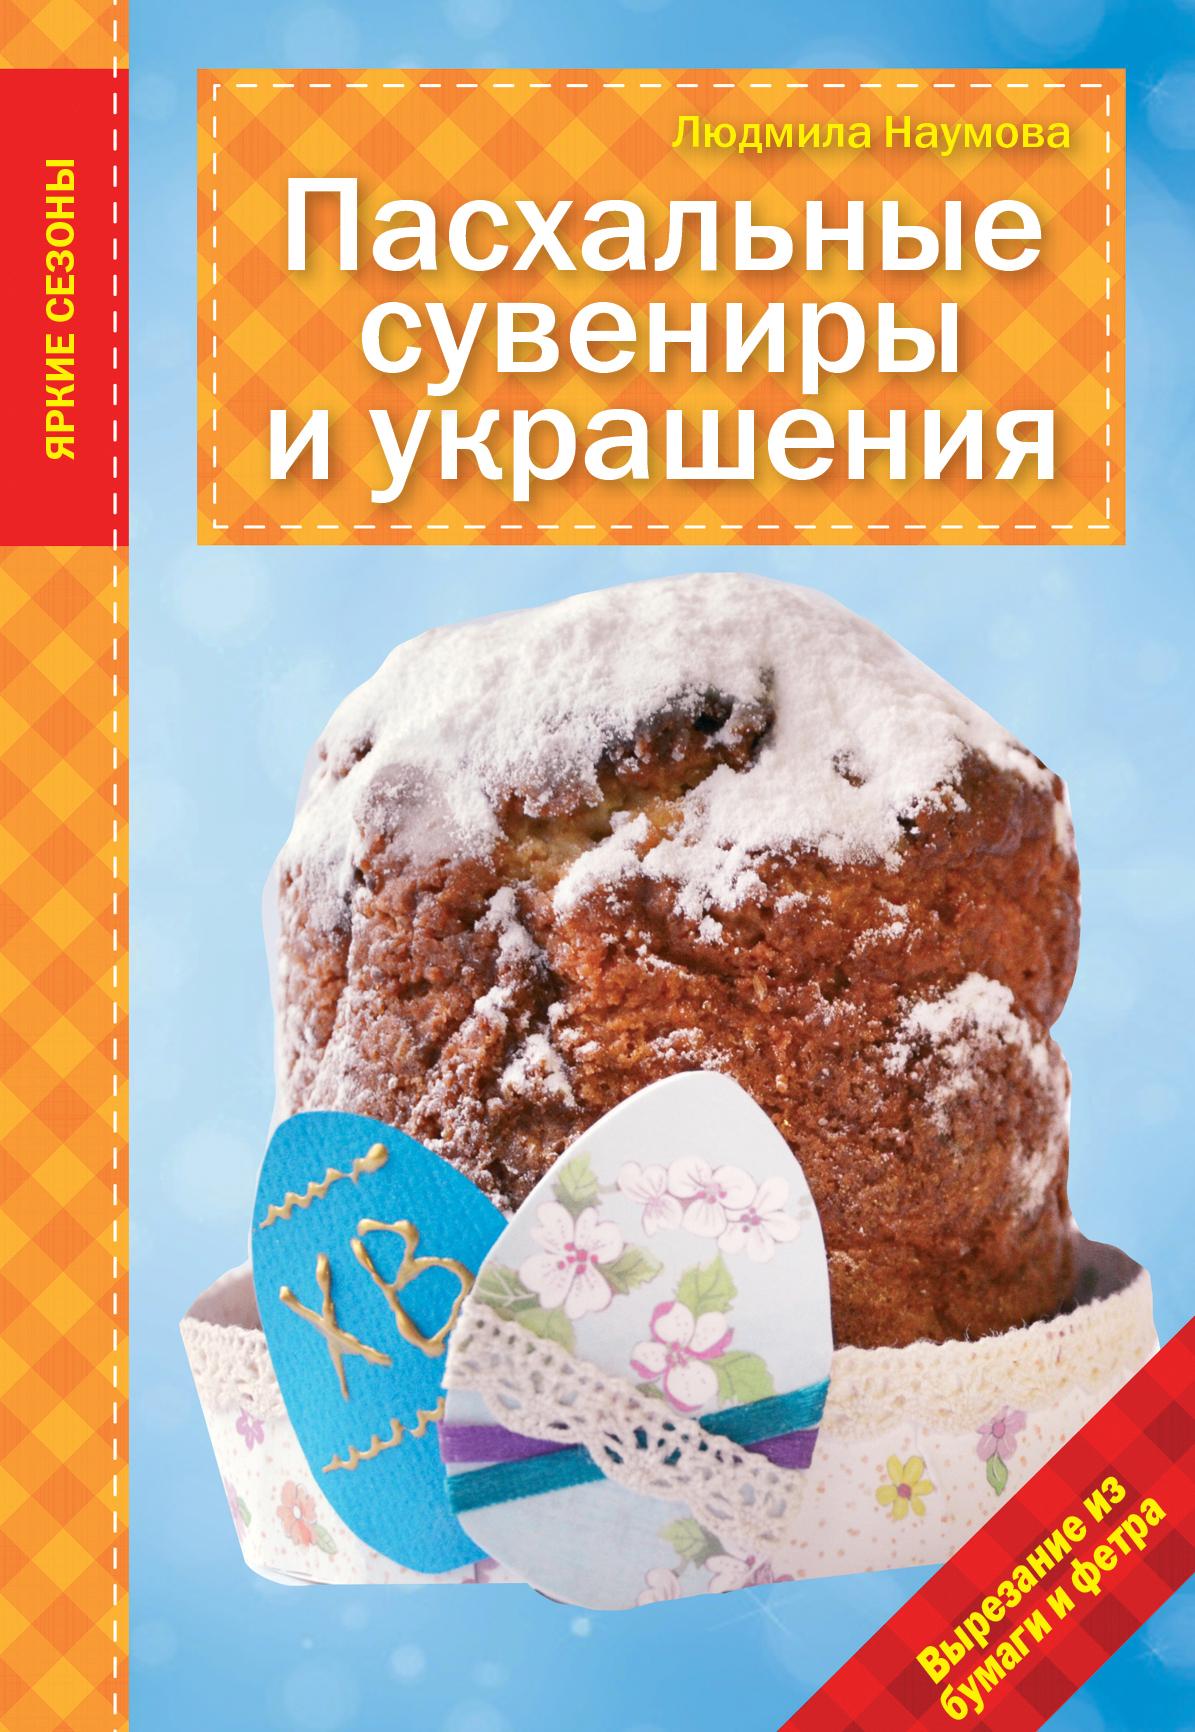 Наумова Л. Пасхальные сувениры и украшения подарки сувениры к пасхе